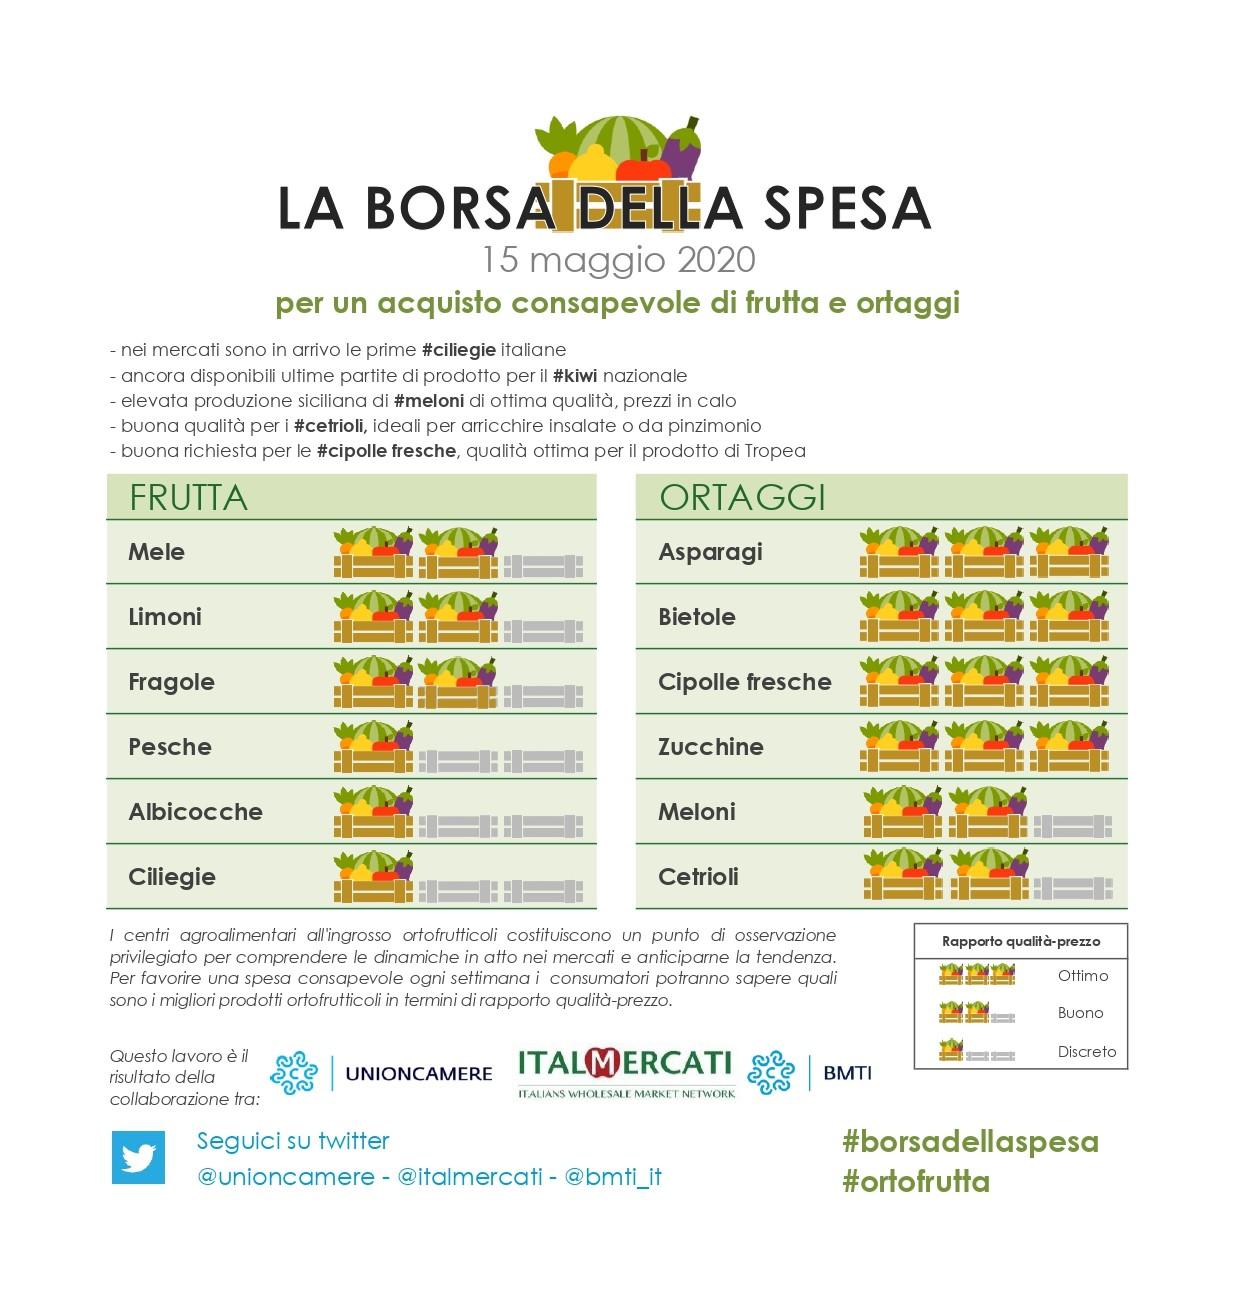 Nella #borsadellaspesa di #ortofrutta di questa settimana: #asparagi, #bietole, #cipolle fresche, #zucchine